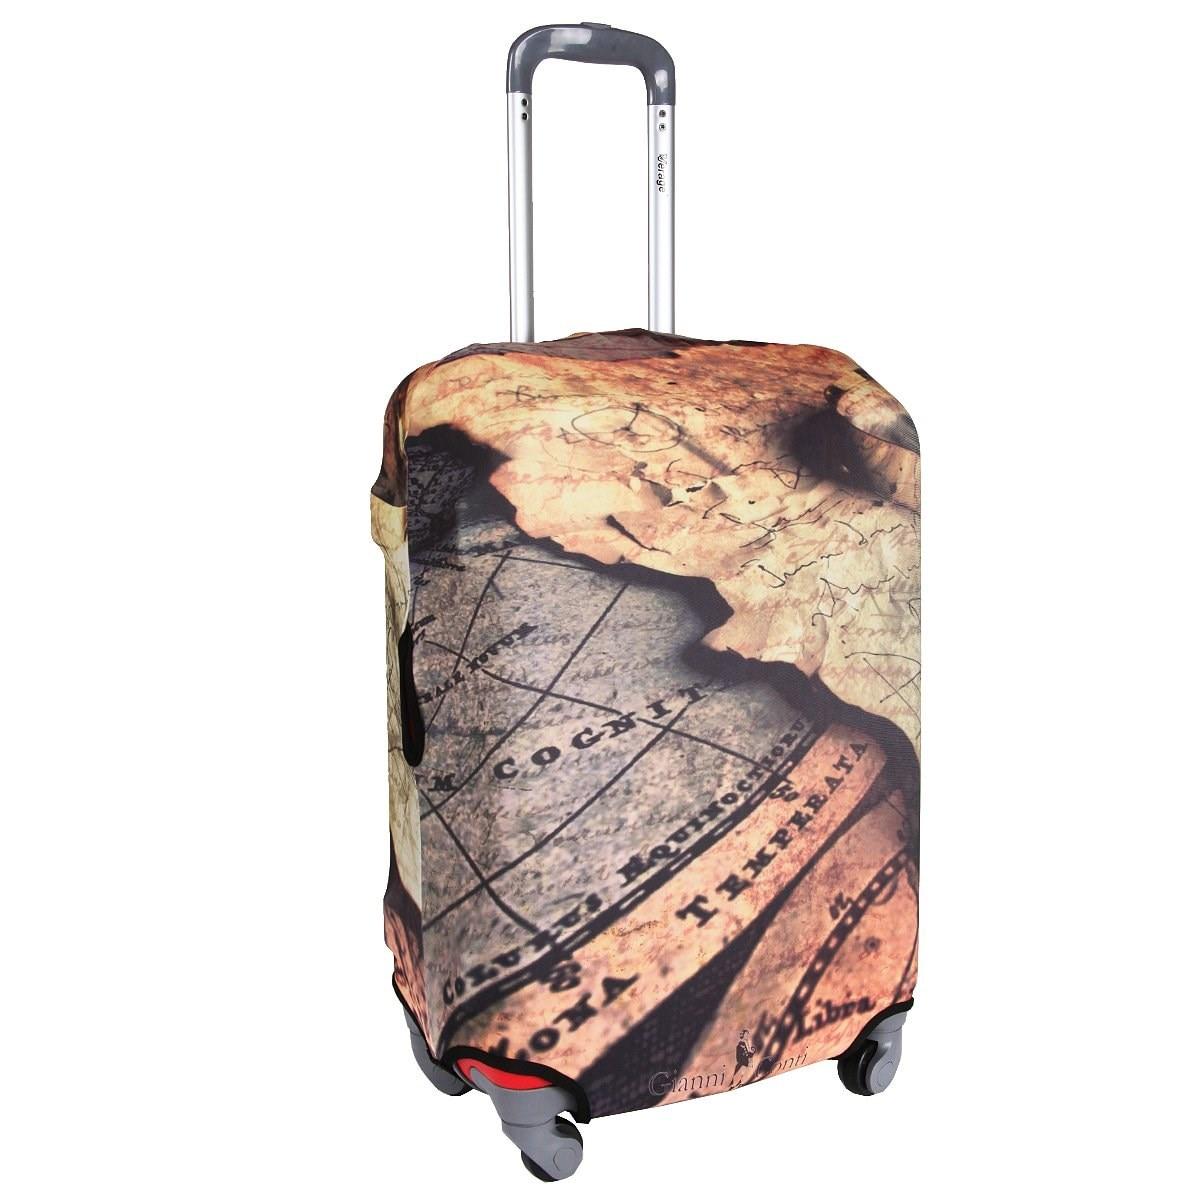 Protective cover for suitcase 9010 M оплетка autoprofi sp 9010 gy m